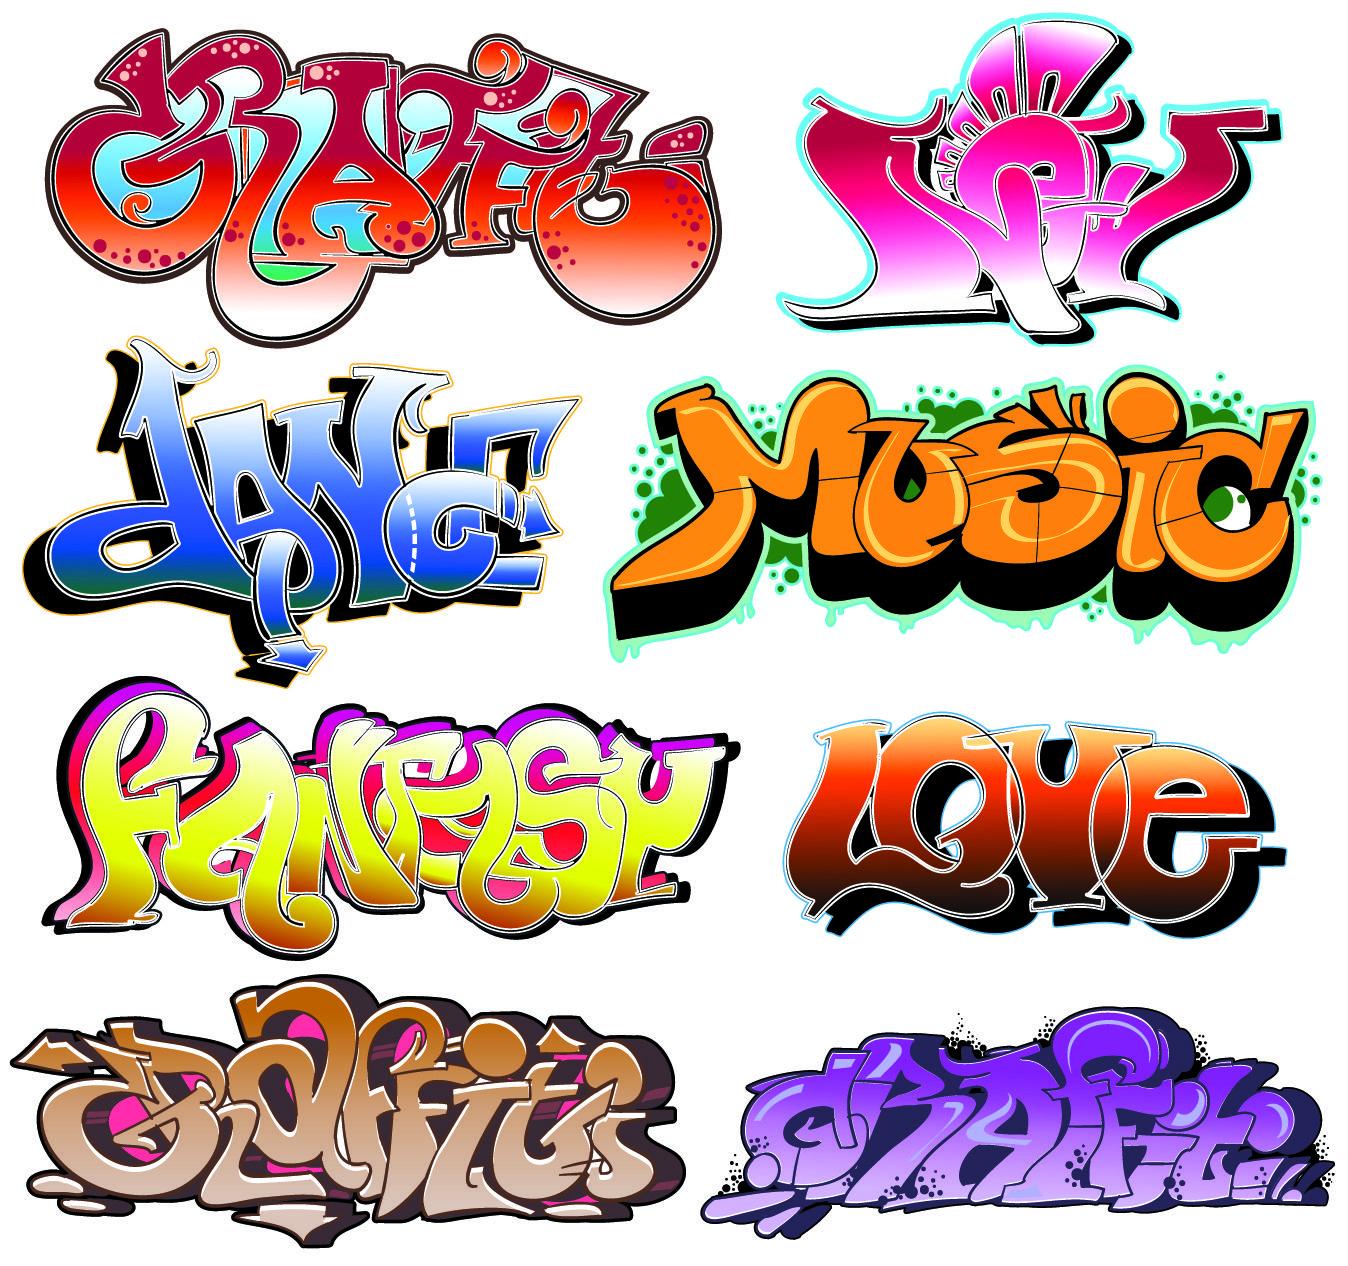 Free vector beautiful graffiti font design 03 vector